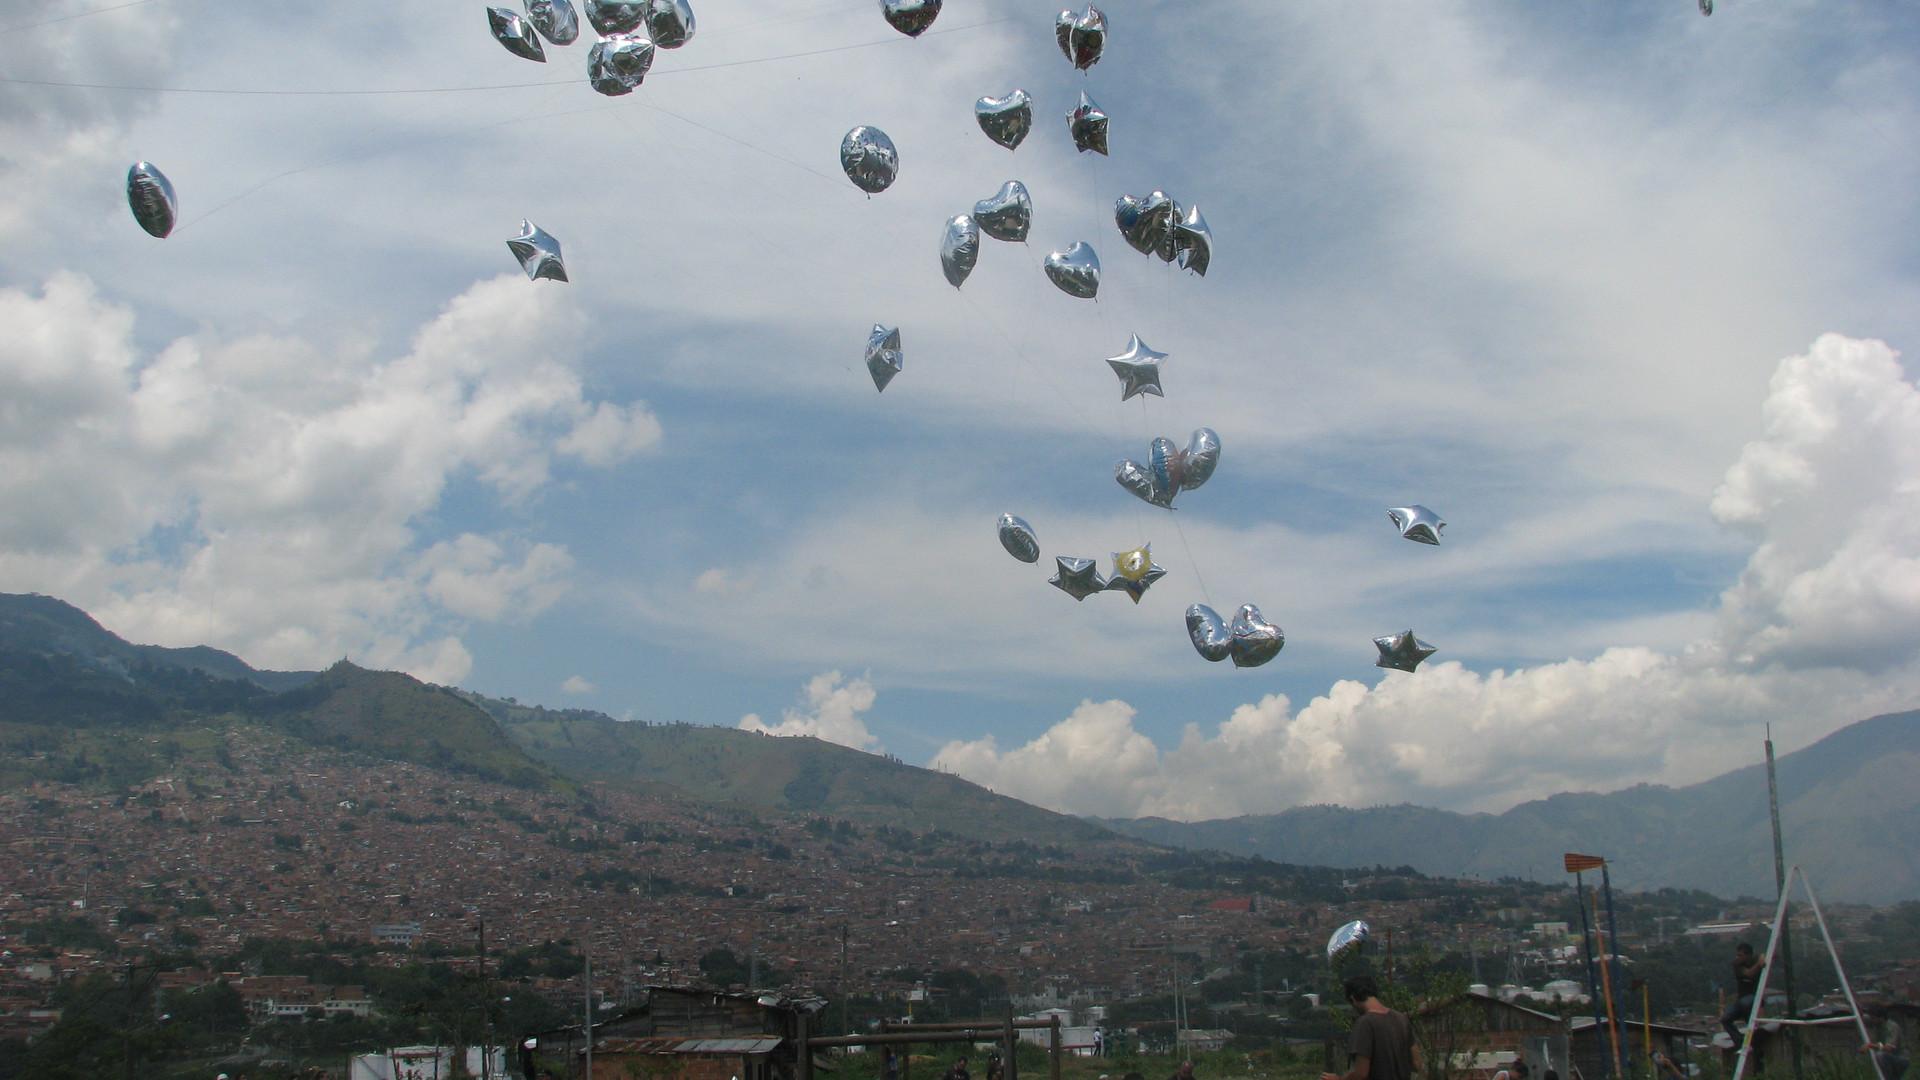 ¡Pongamos  el barrio a volar! Armin Mobasseri